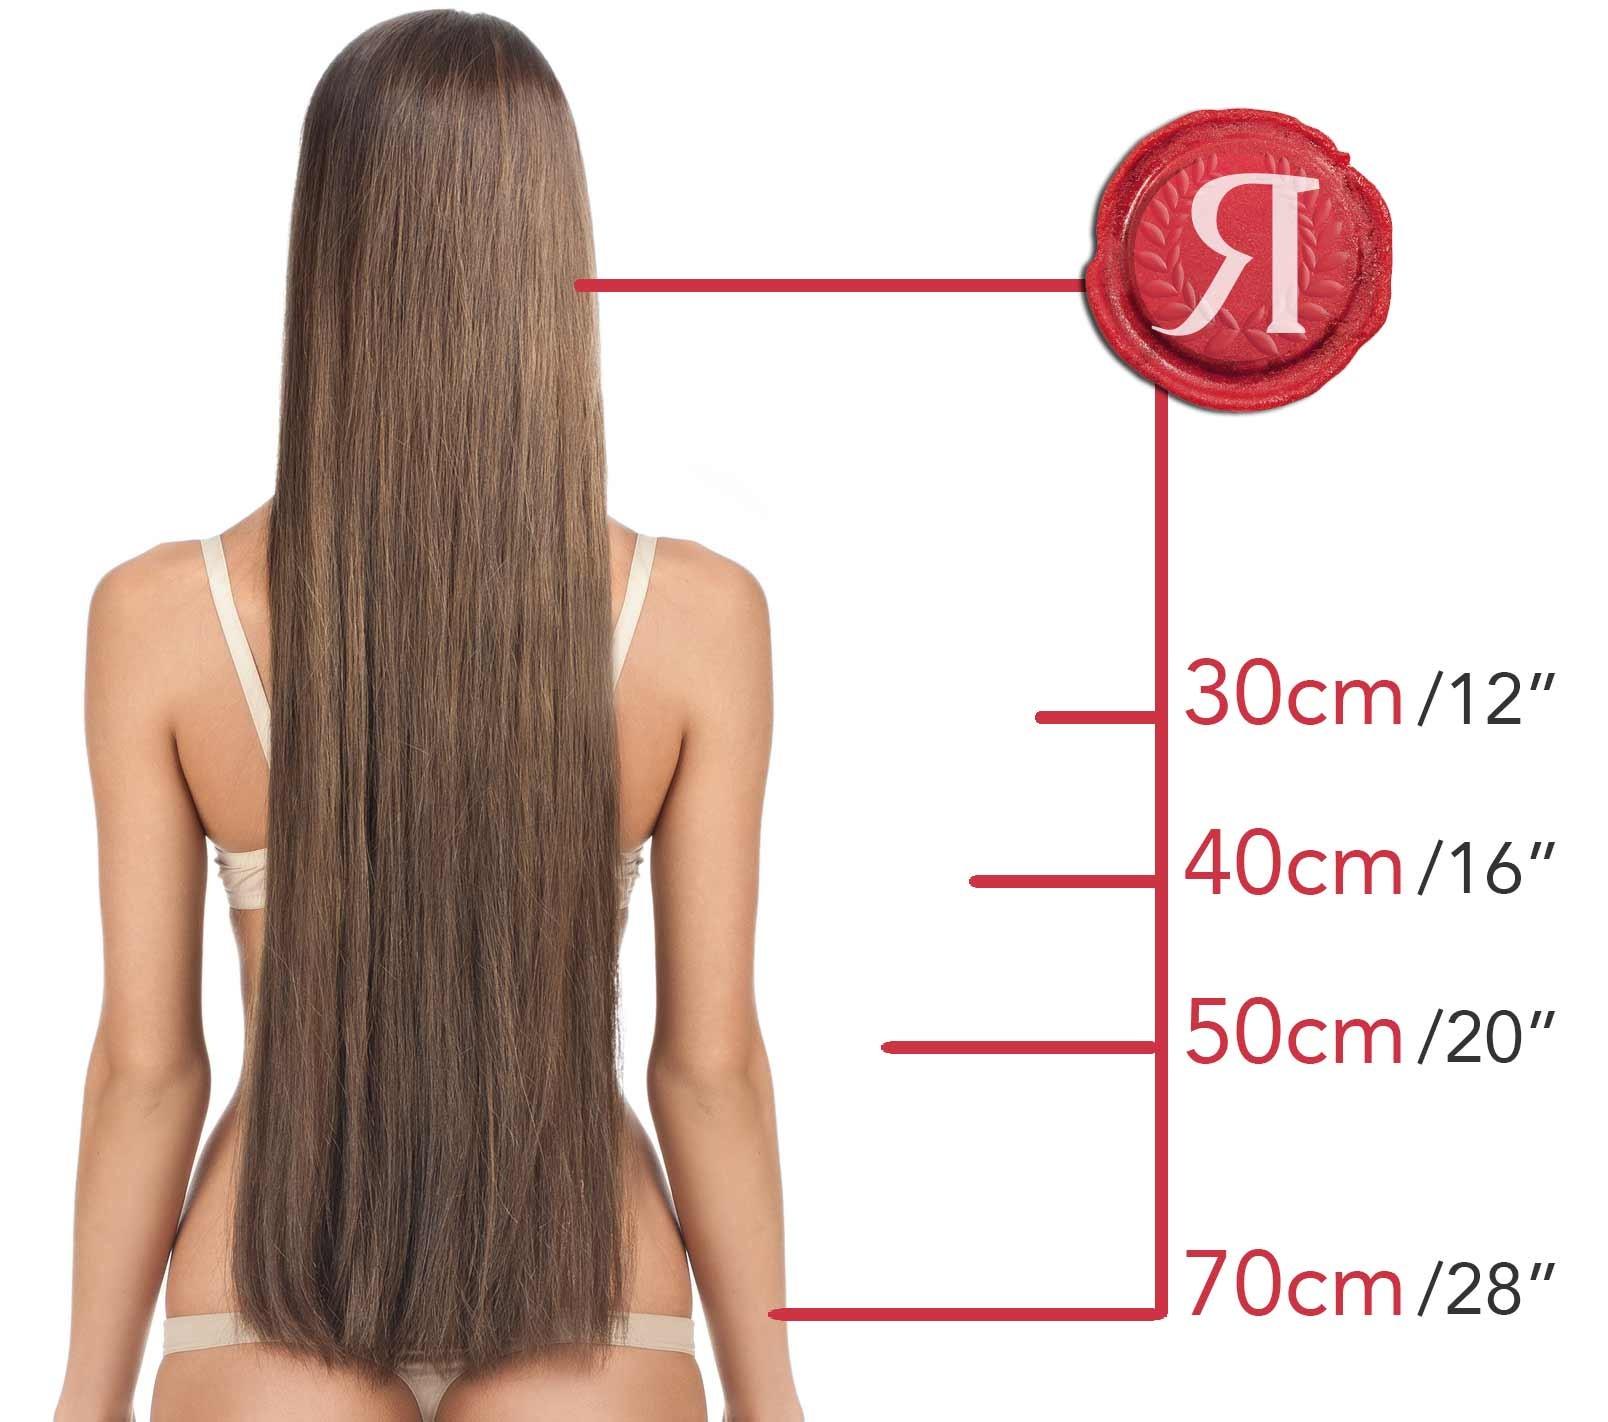 Haarverlangerung welche haare